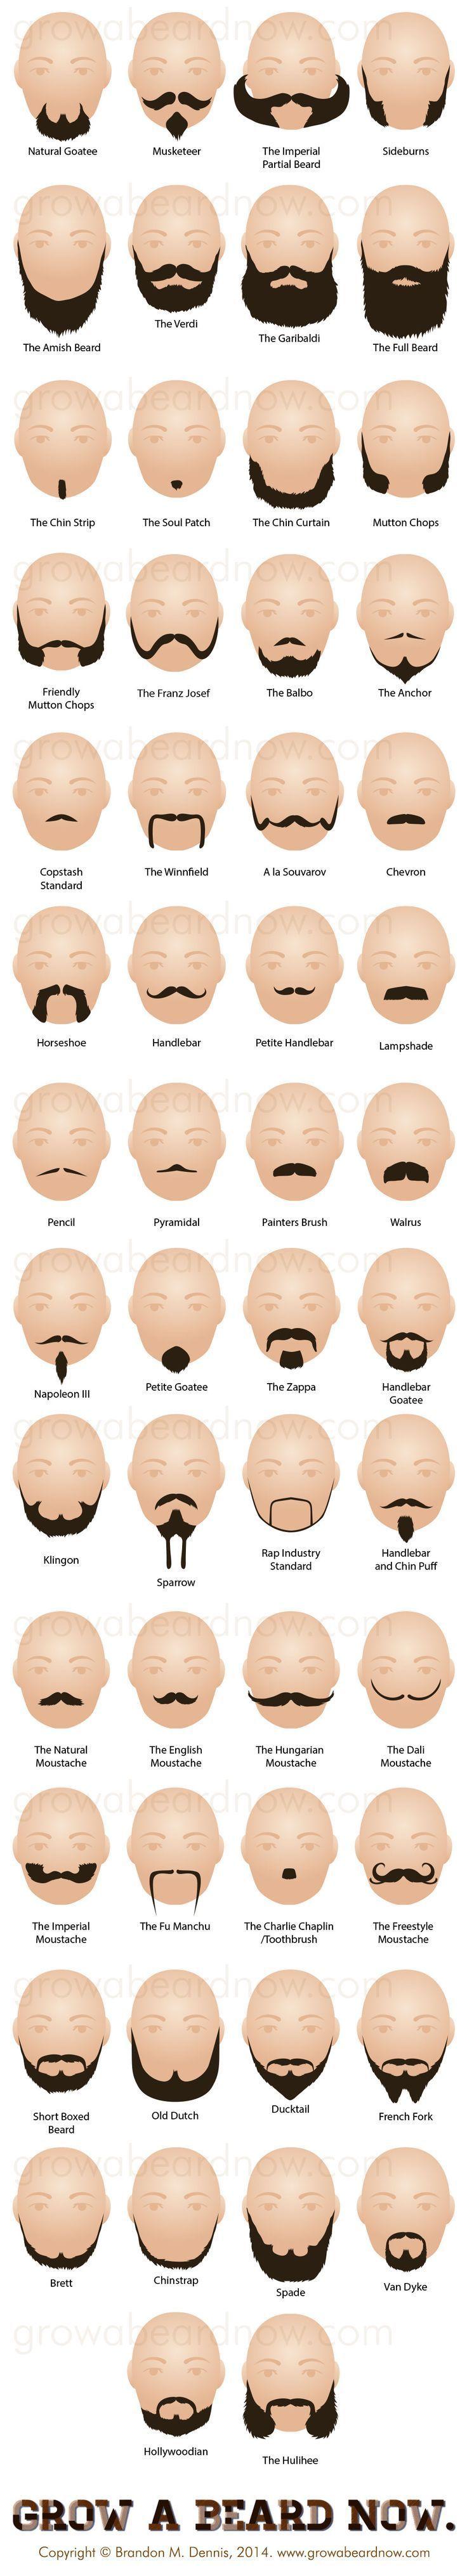 Frisuren Namen Der Neuen Manner Frisur Barte Und Haare Frisuren Bart Stile